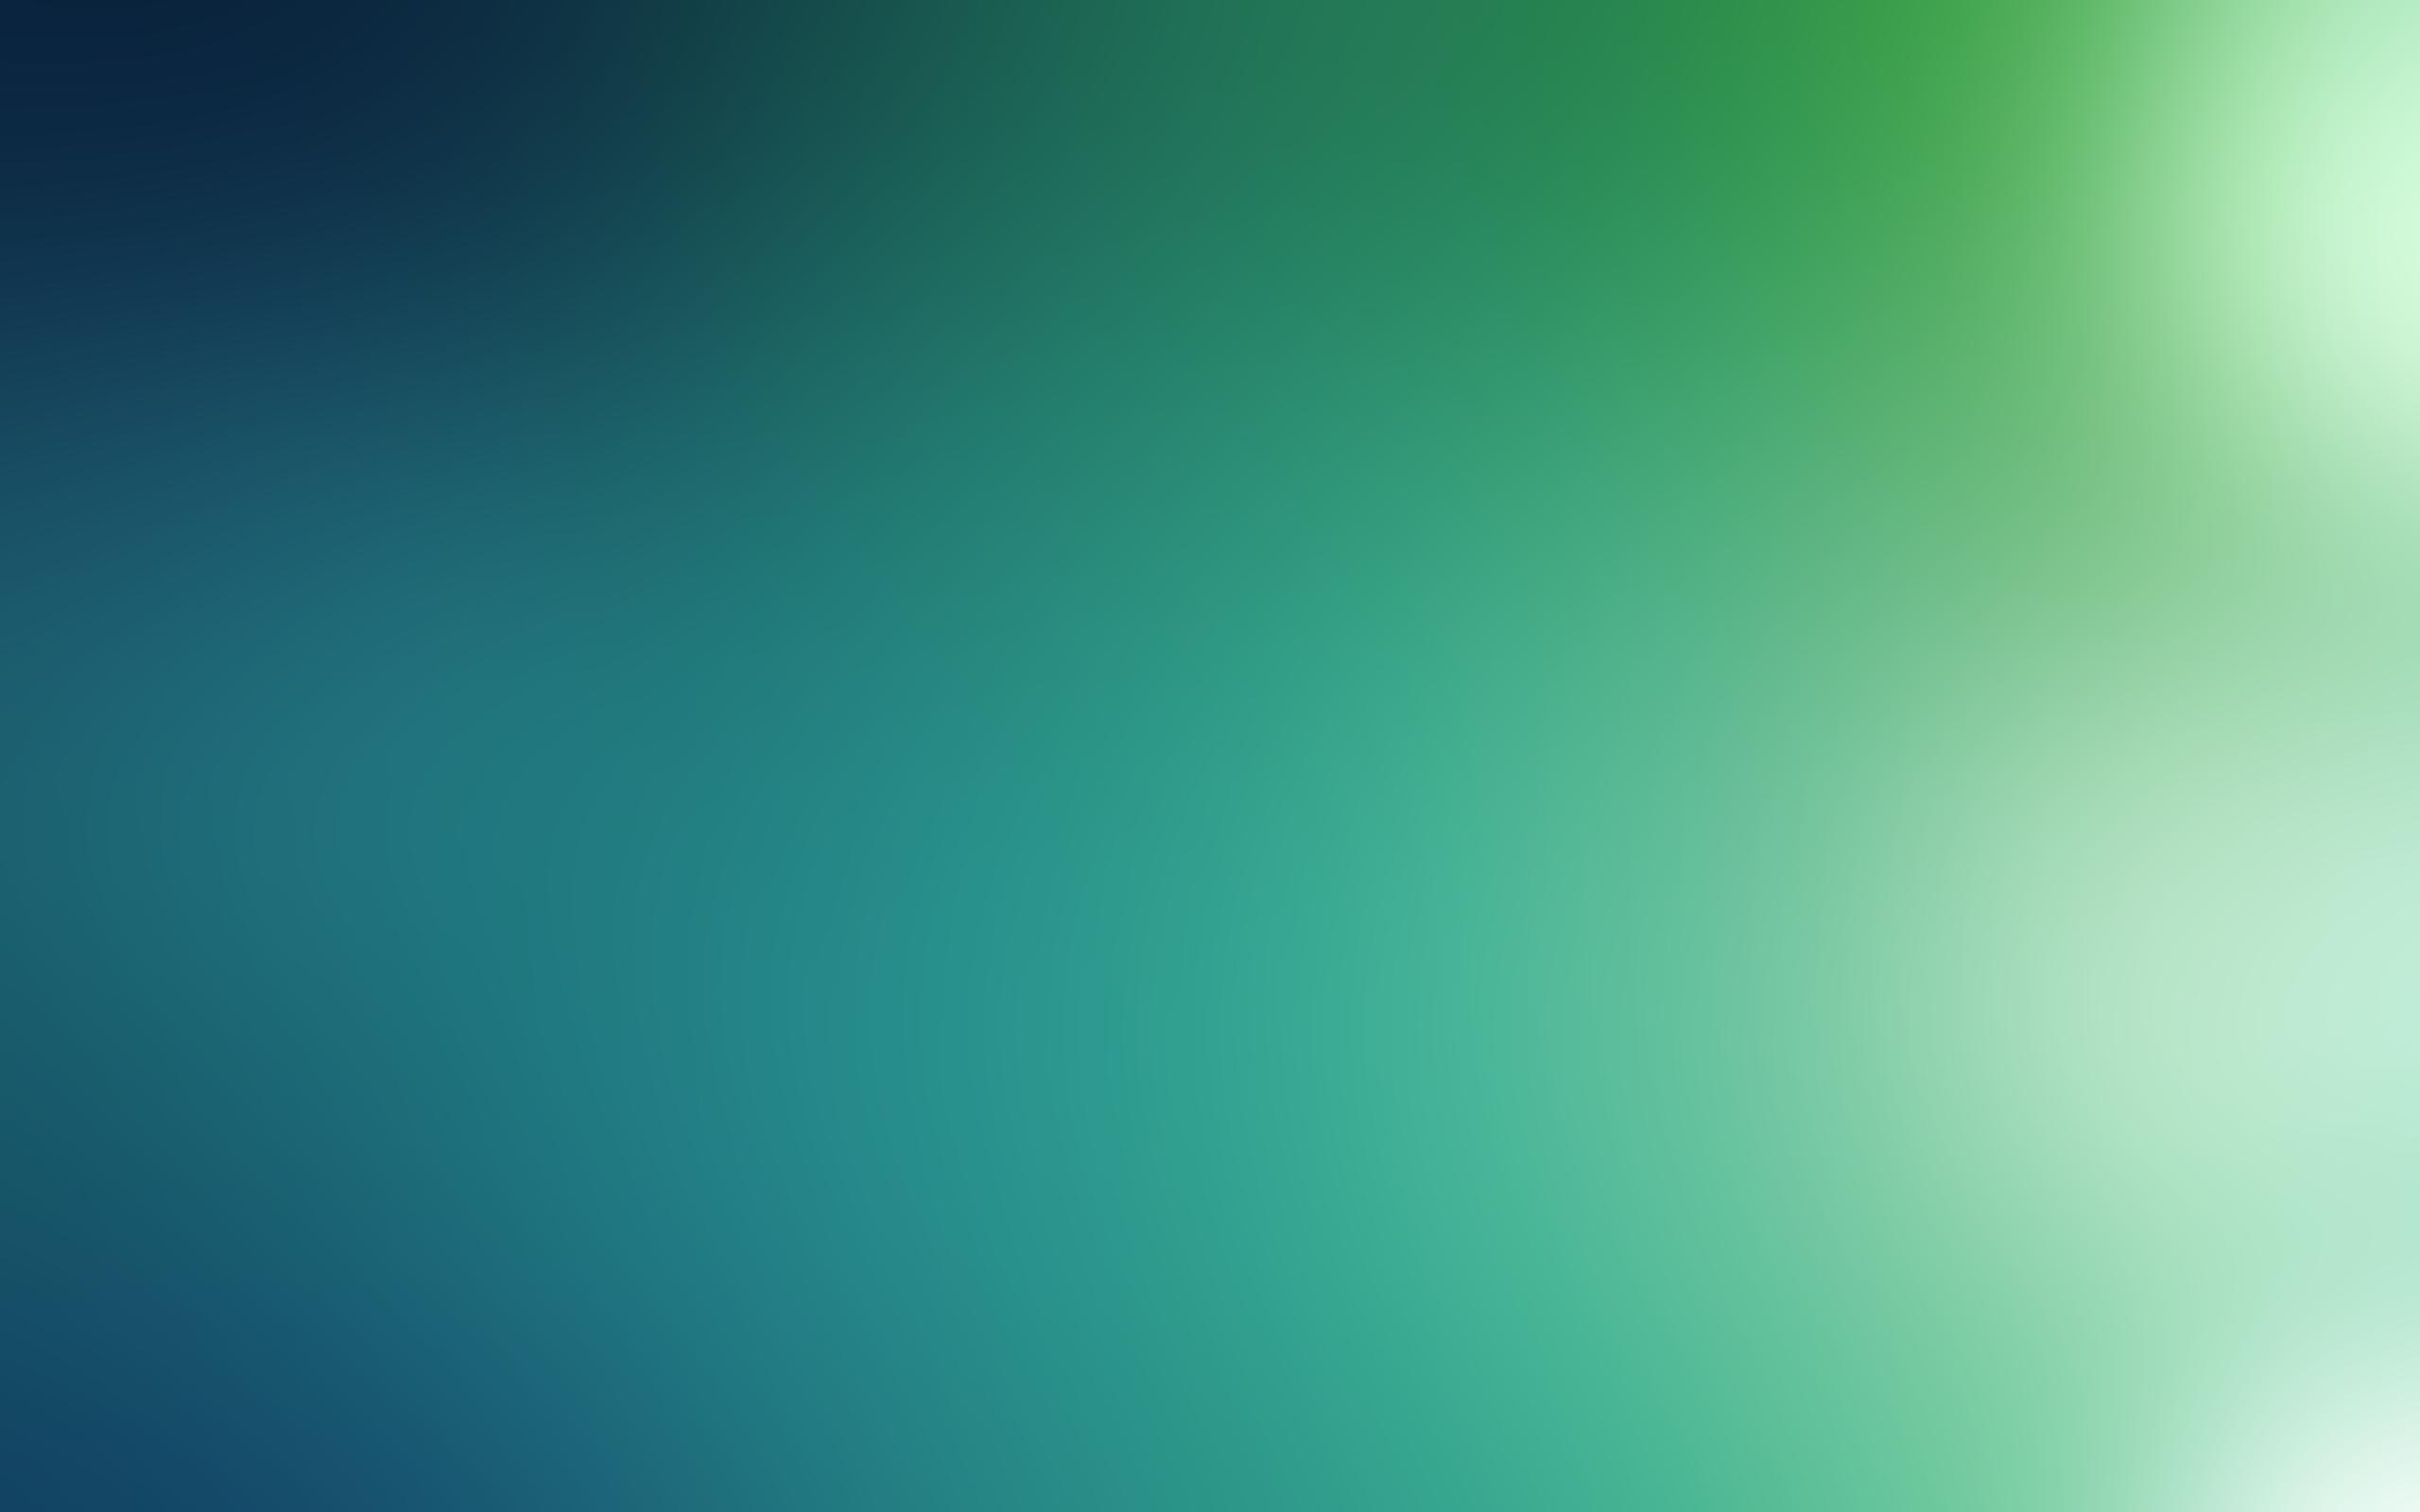 Hình nền Powerpoint màu xanh da trời